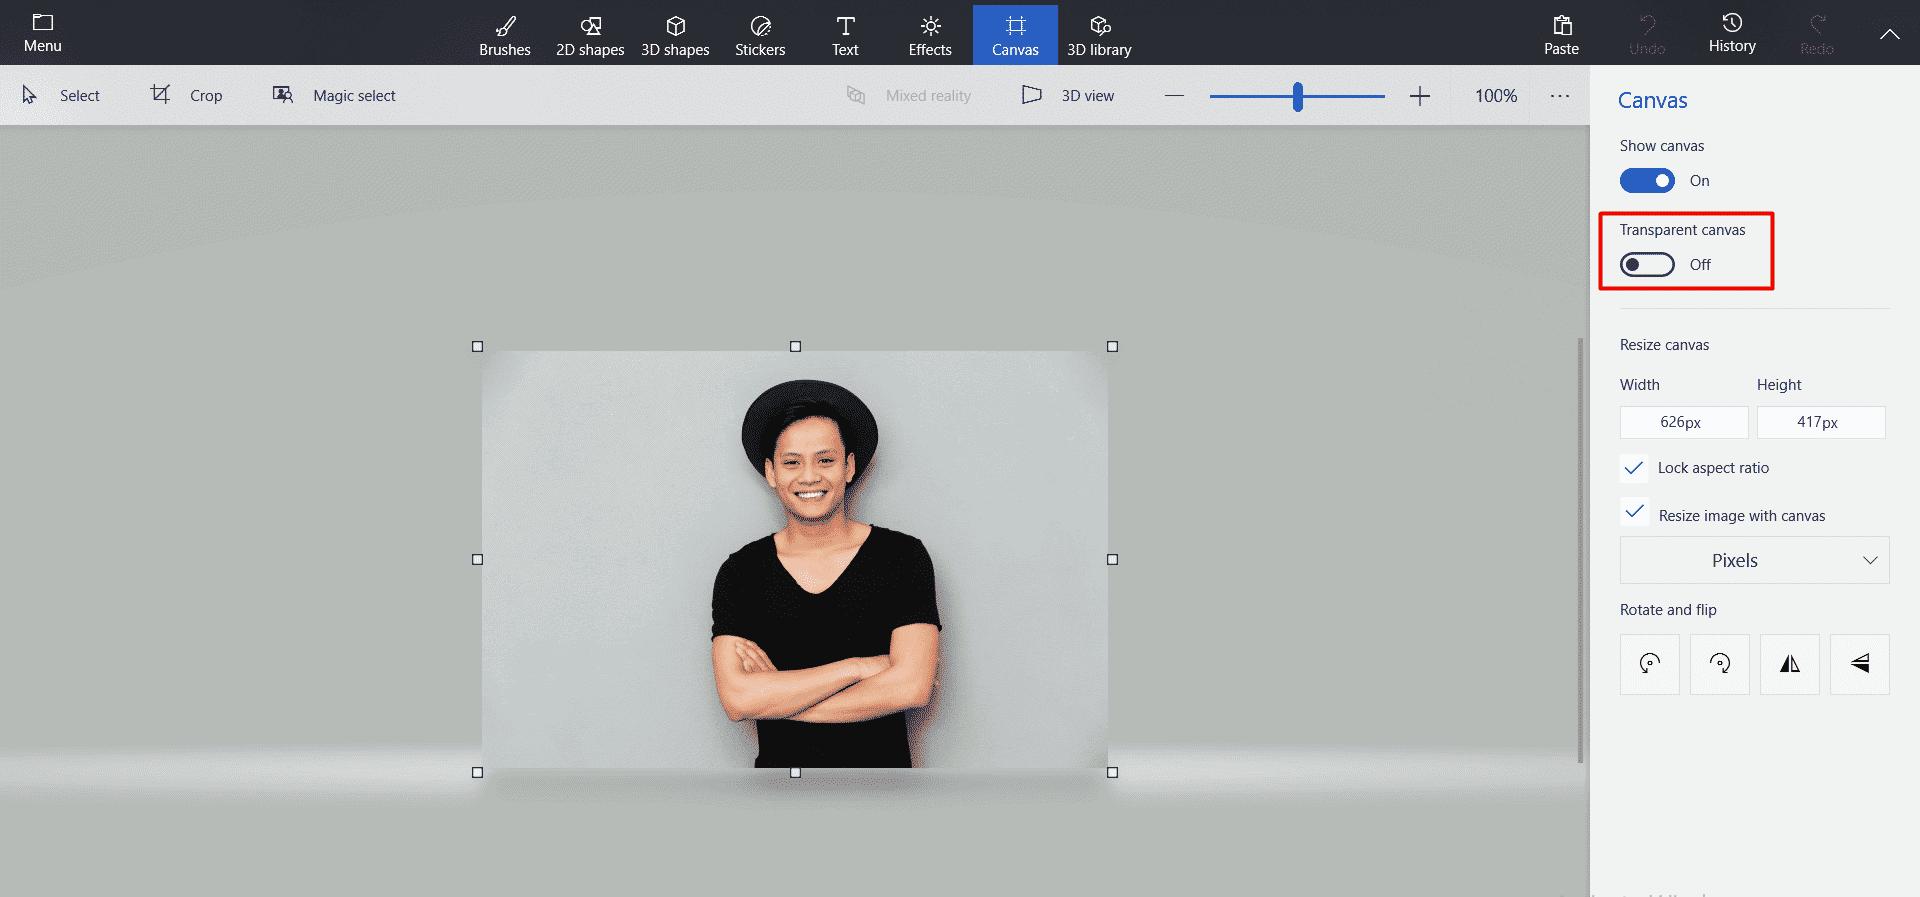 transparent canvas